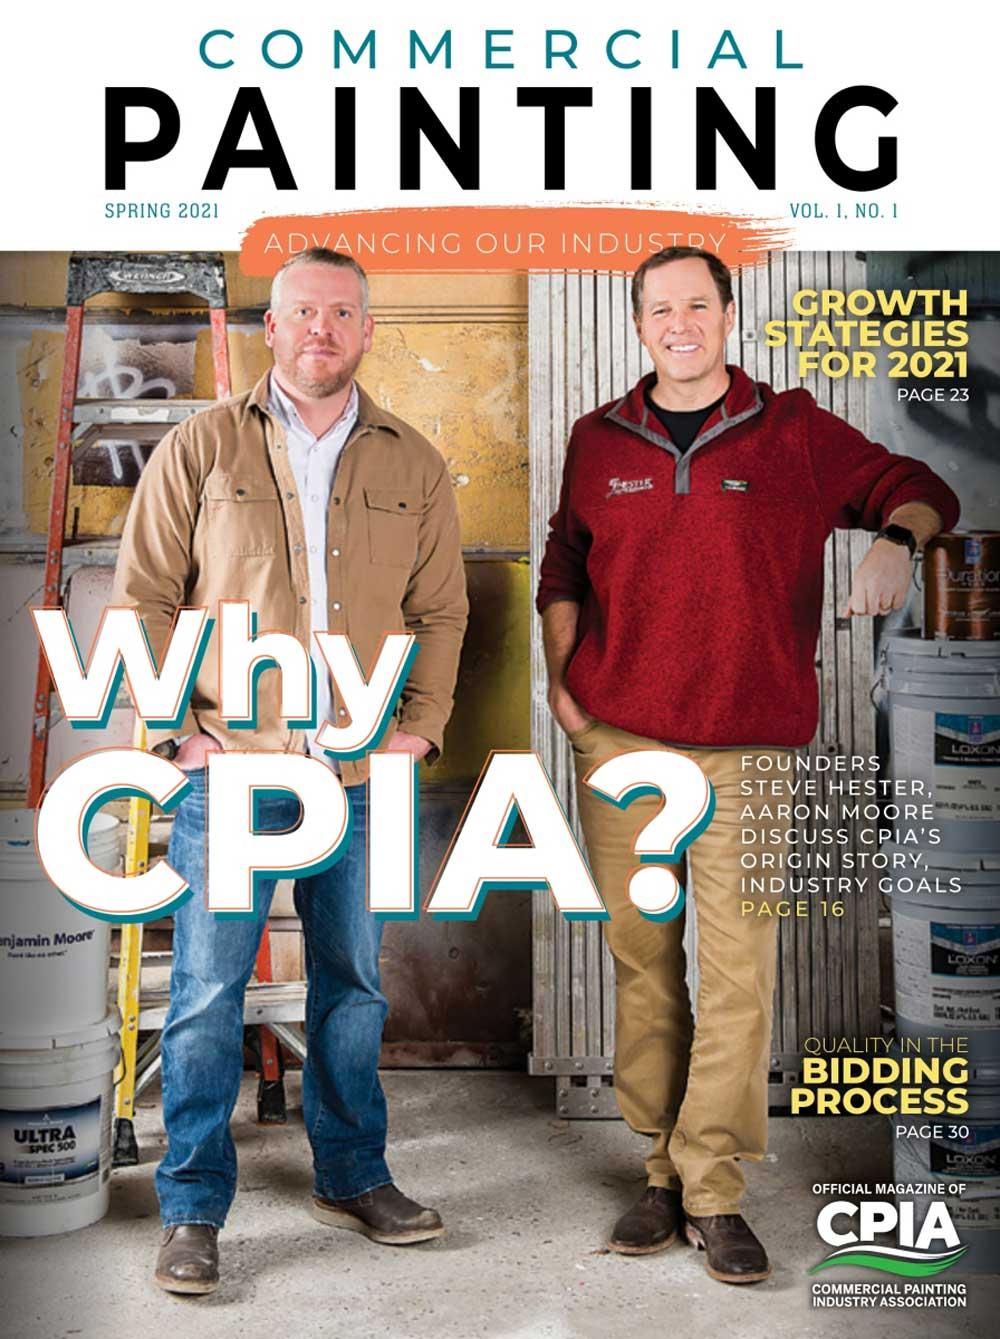 The CPIA Magazine Cover